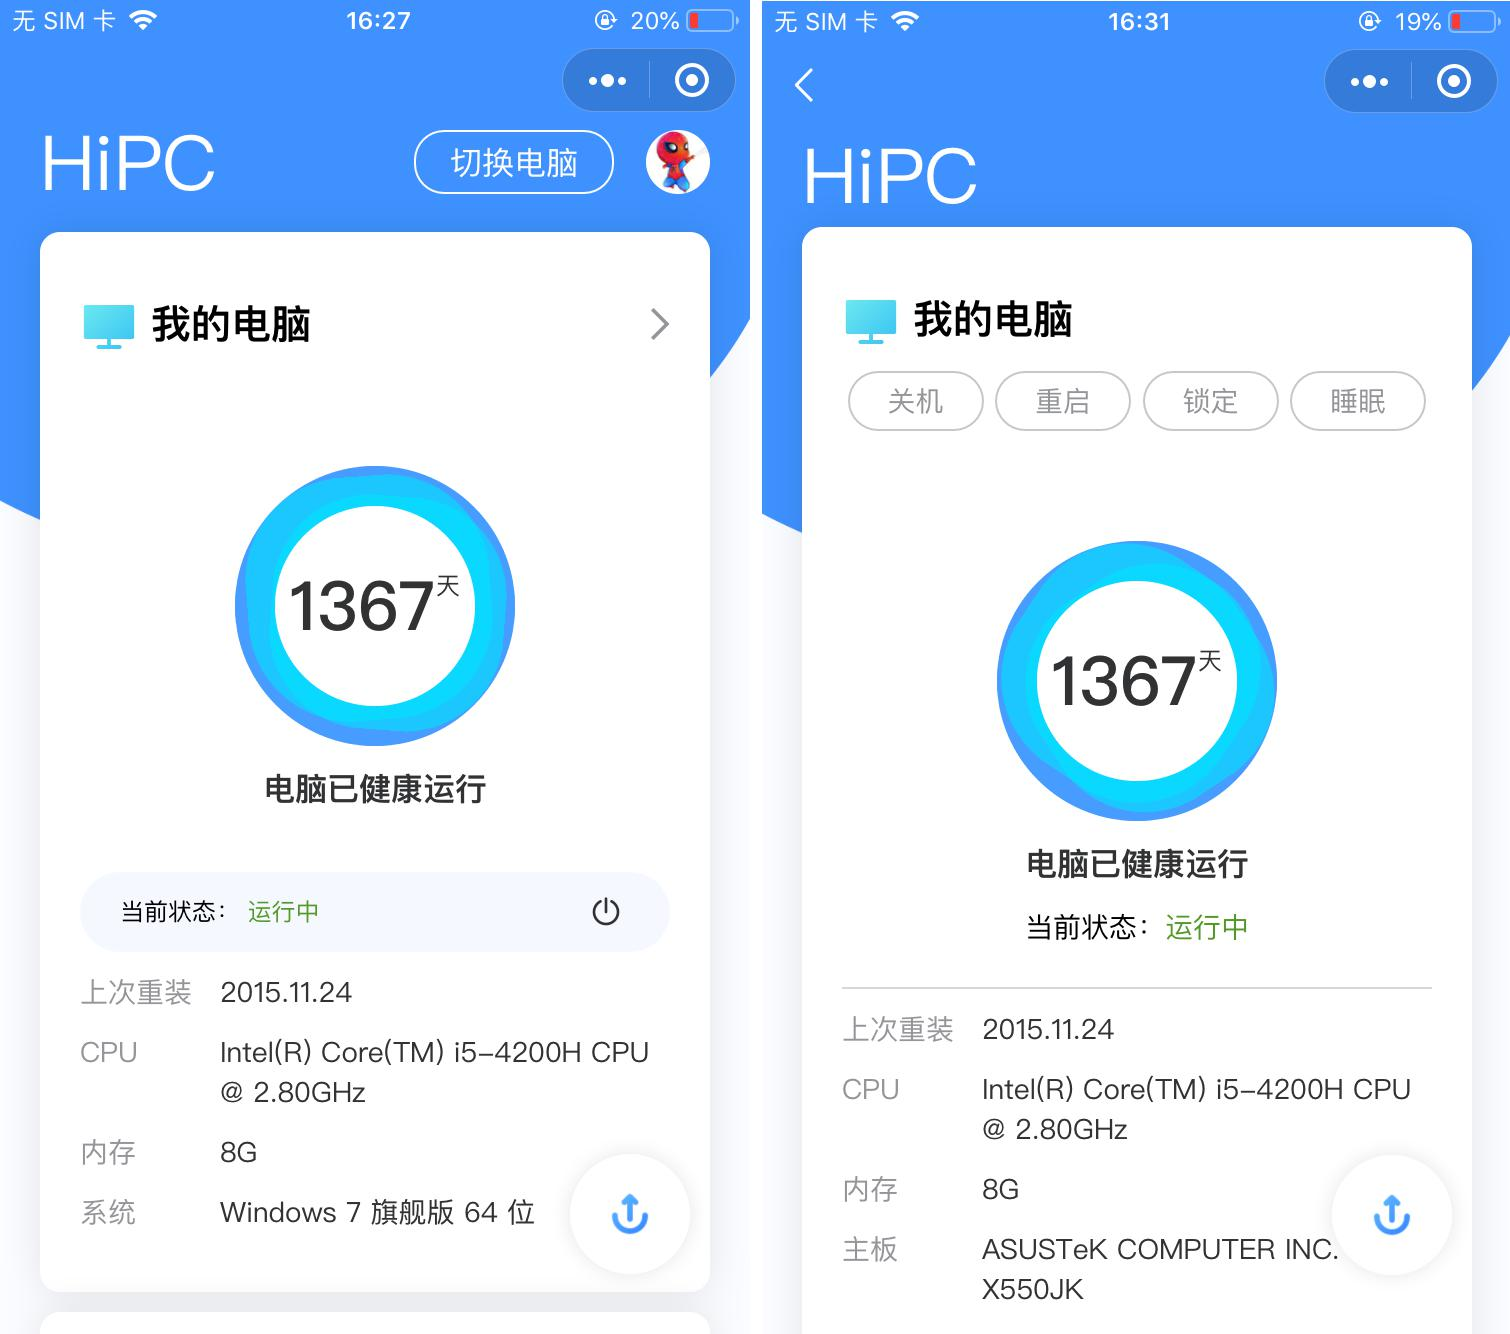 HiPC 4.0.4.81 让你的微信远程控制、监视电脑插图